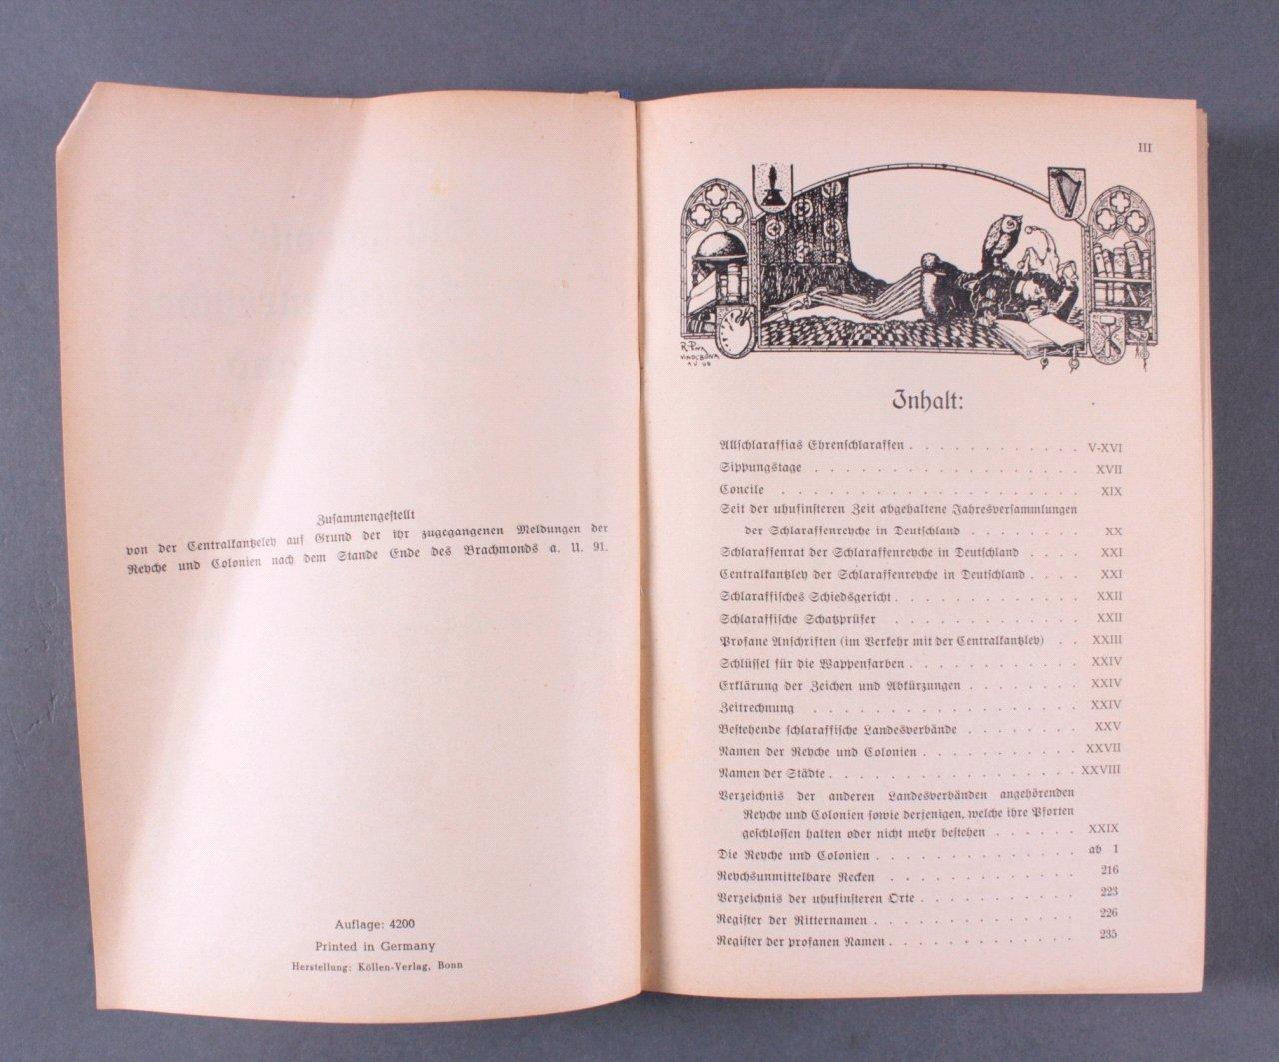 Stammrolle der Schlaraffenrenche in Deutschland a.U.91/92-2